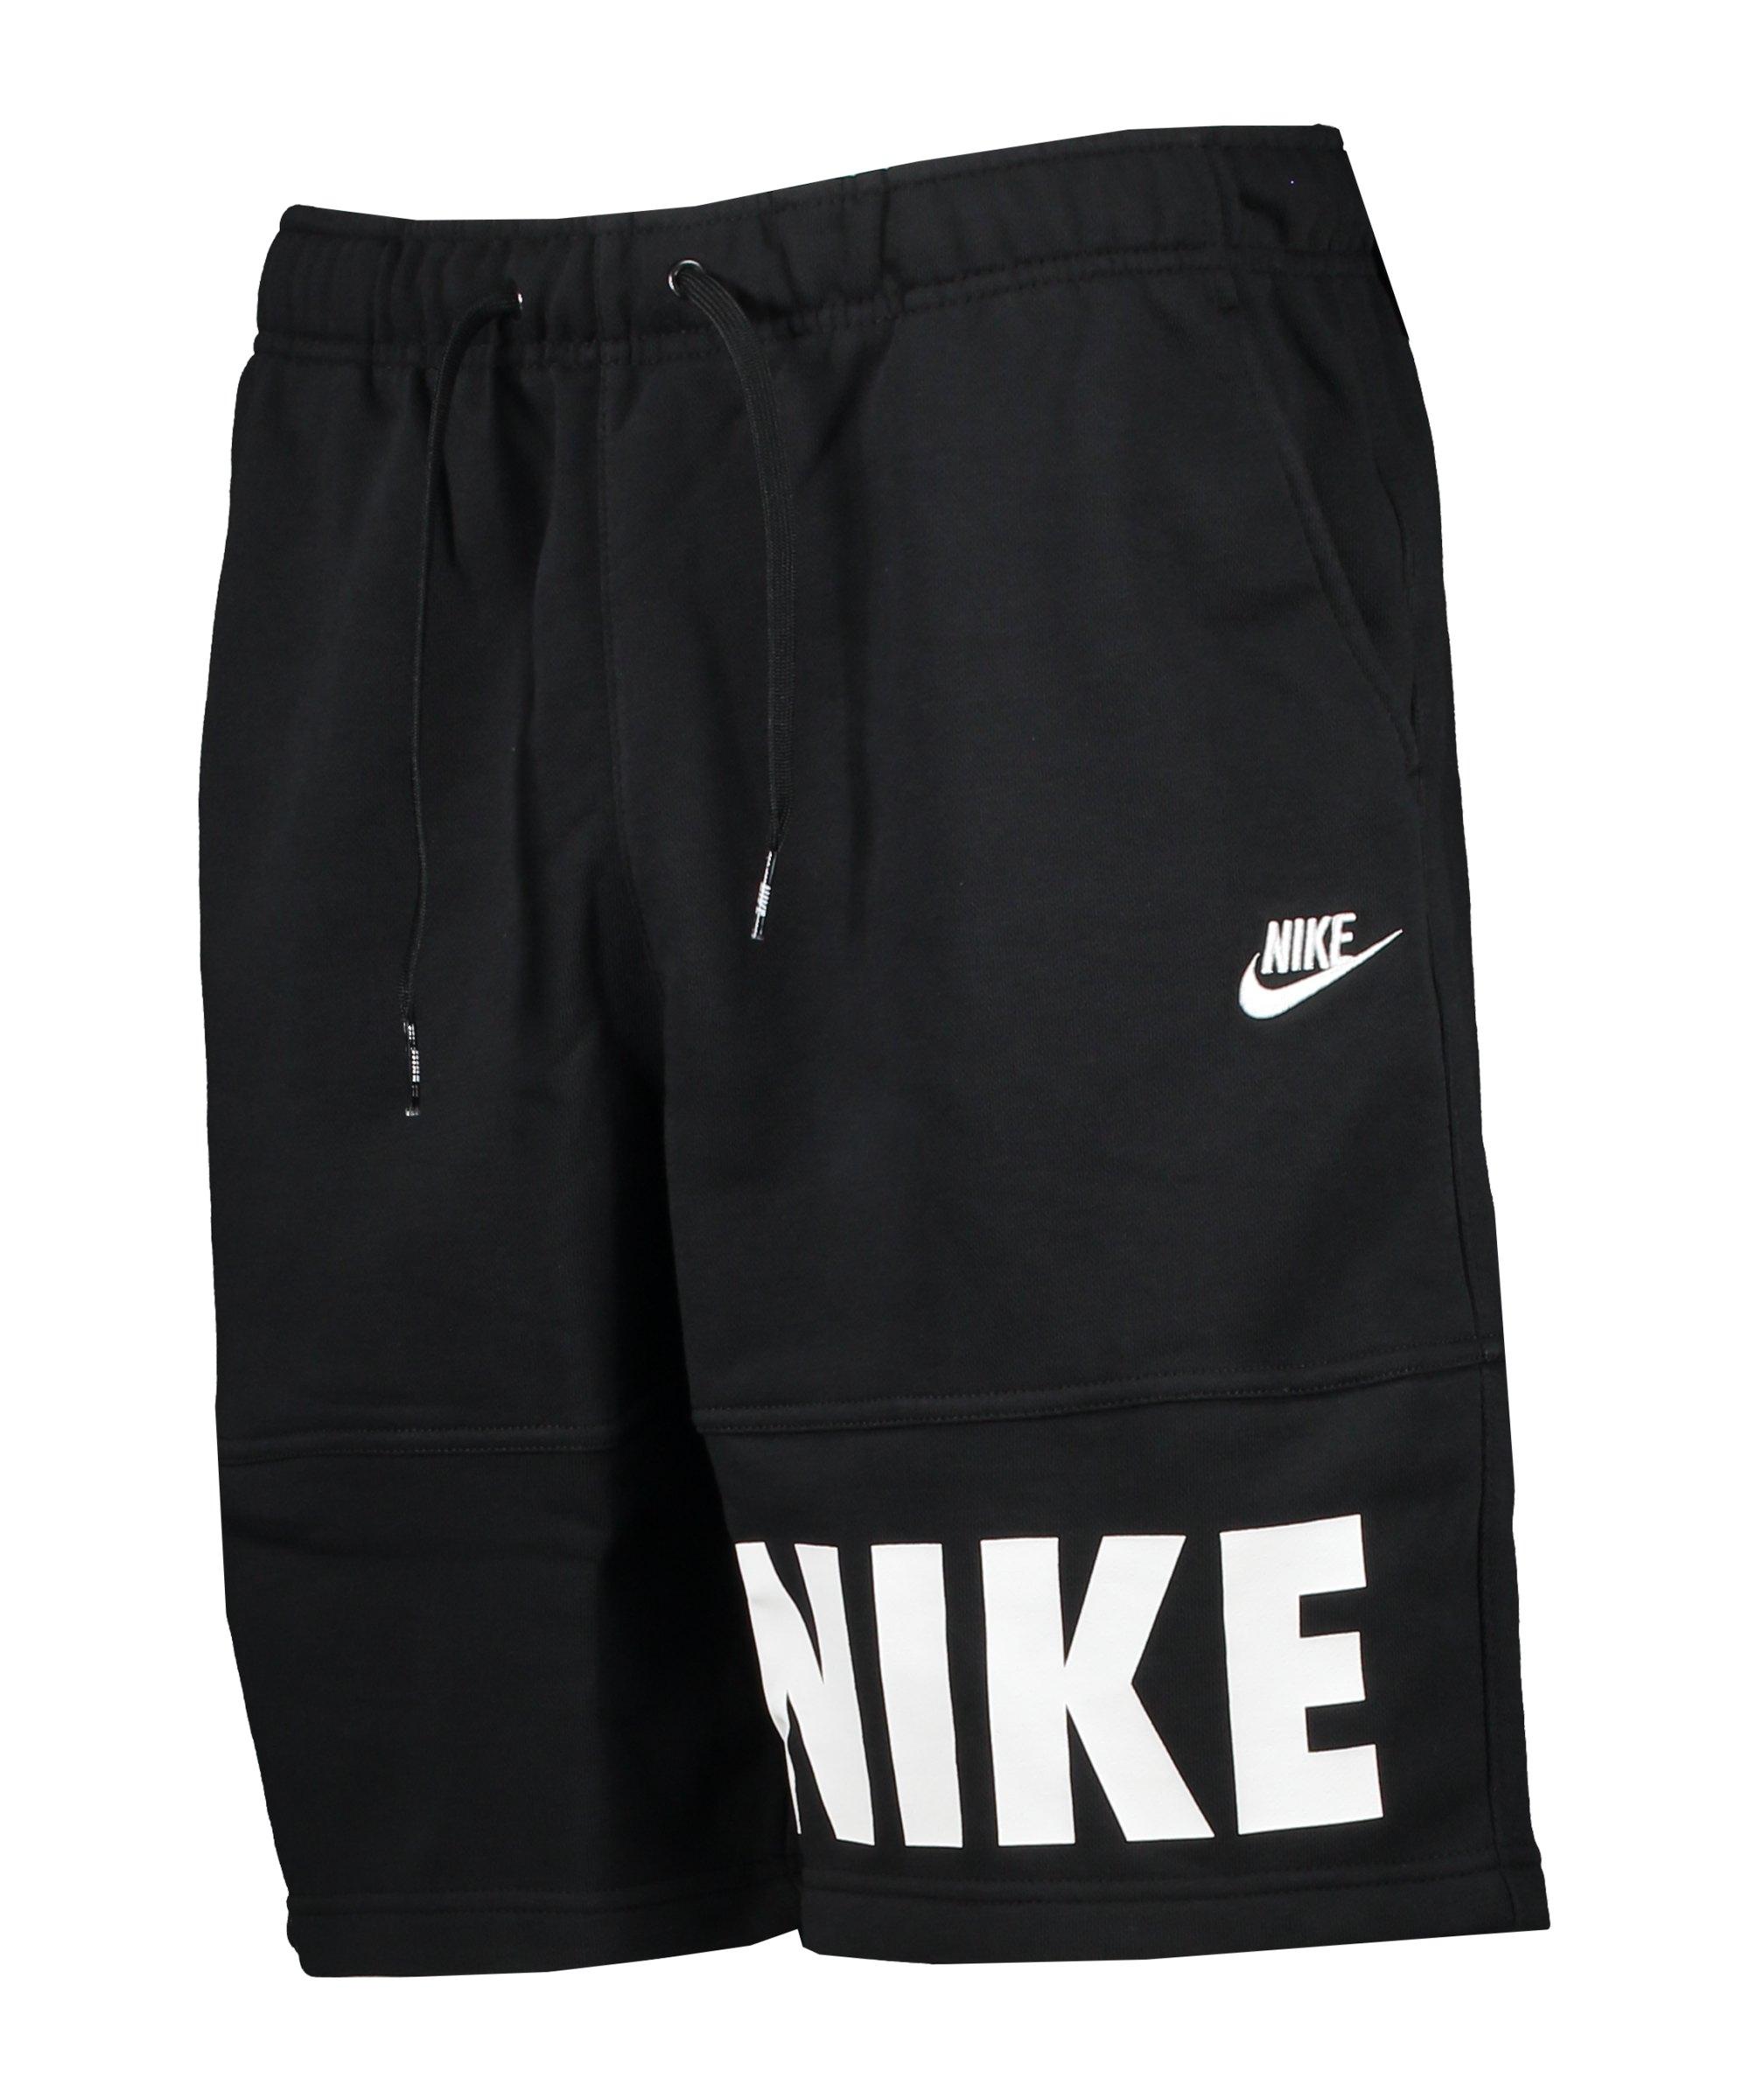 Nike Essentials+ French Terry Short Schwarz F010 - schwarz